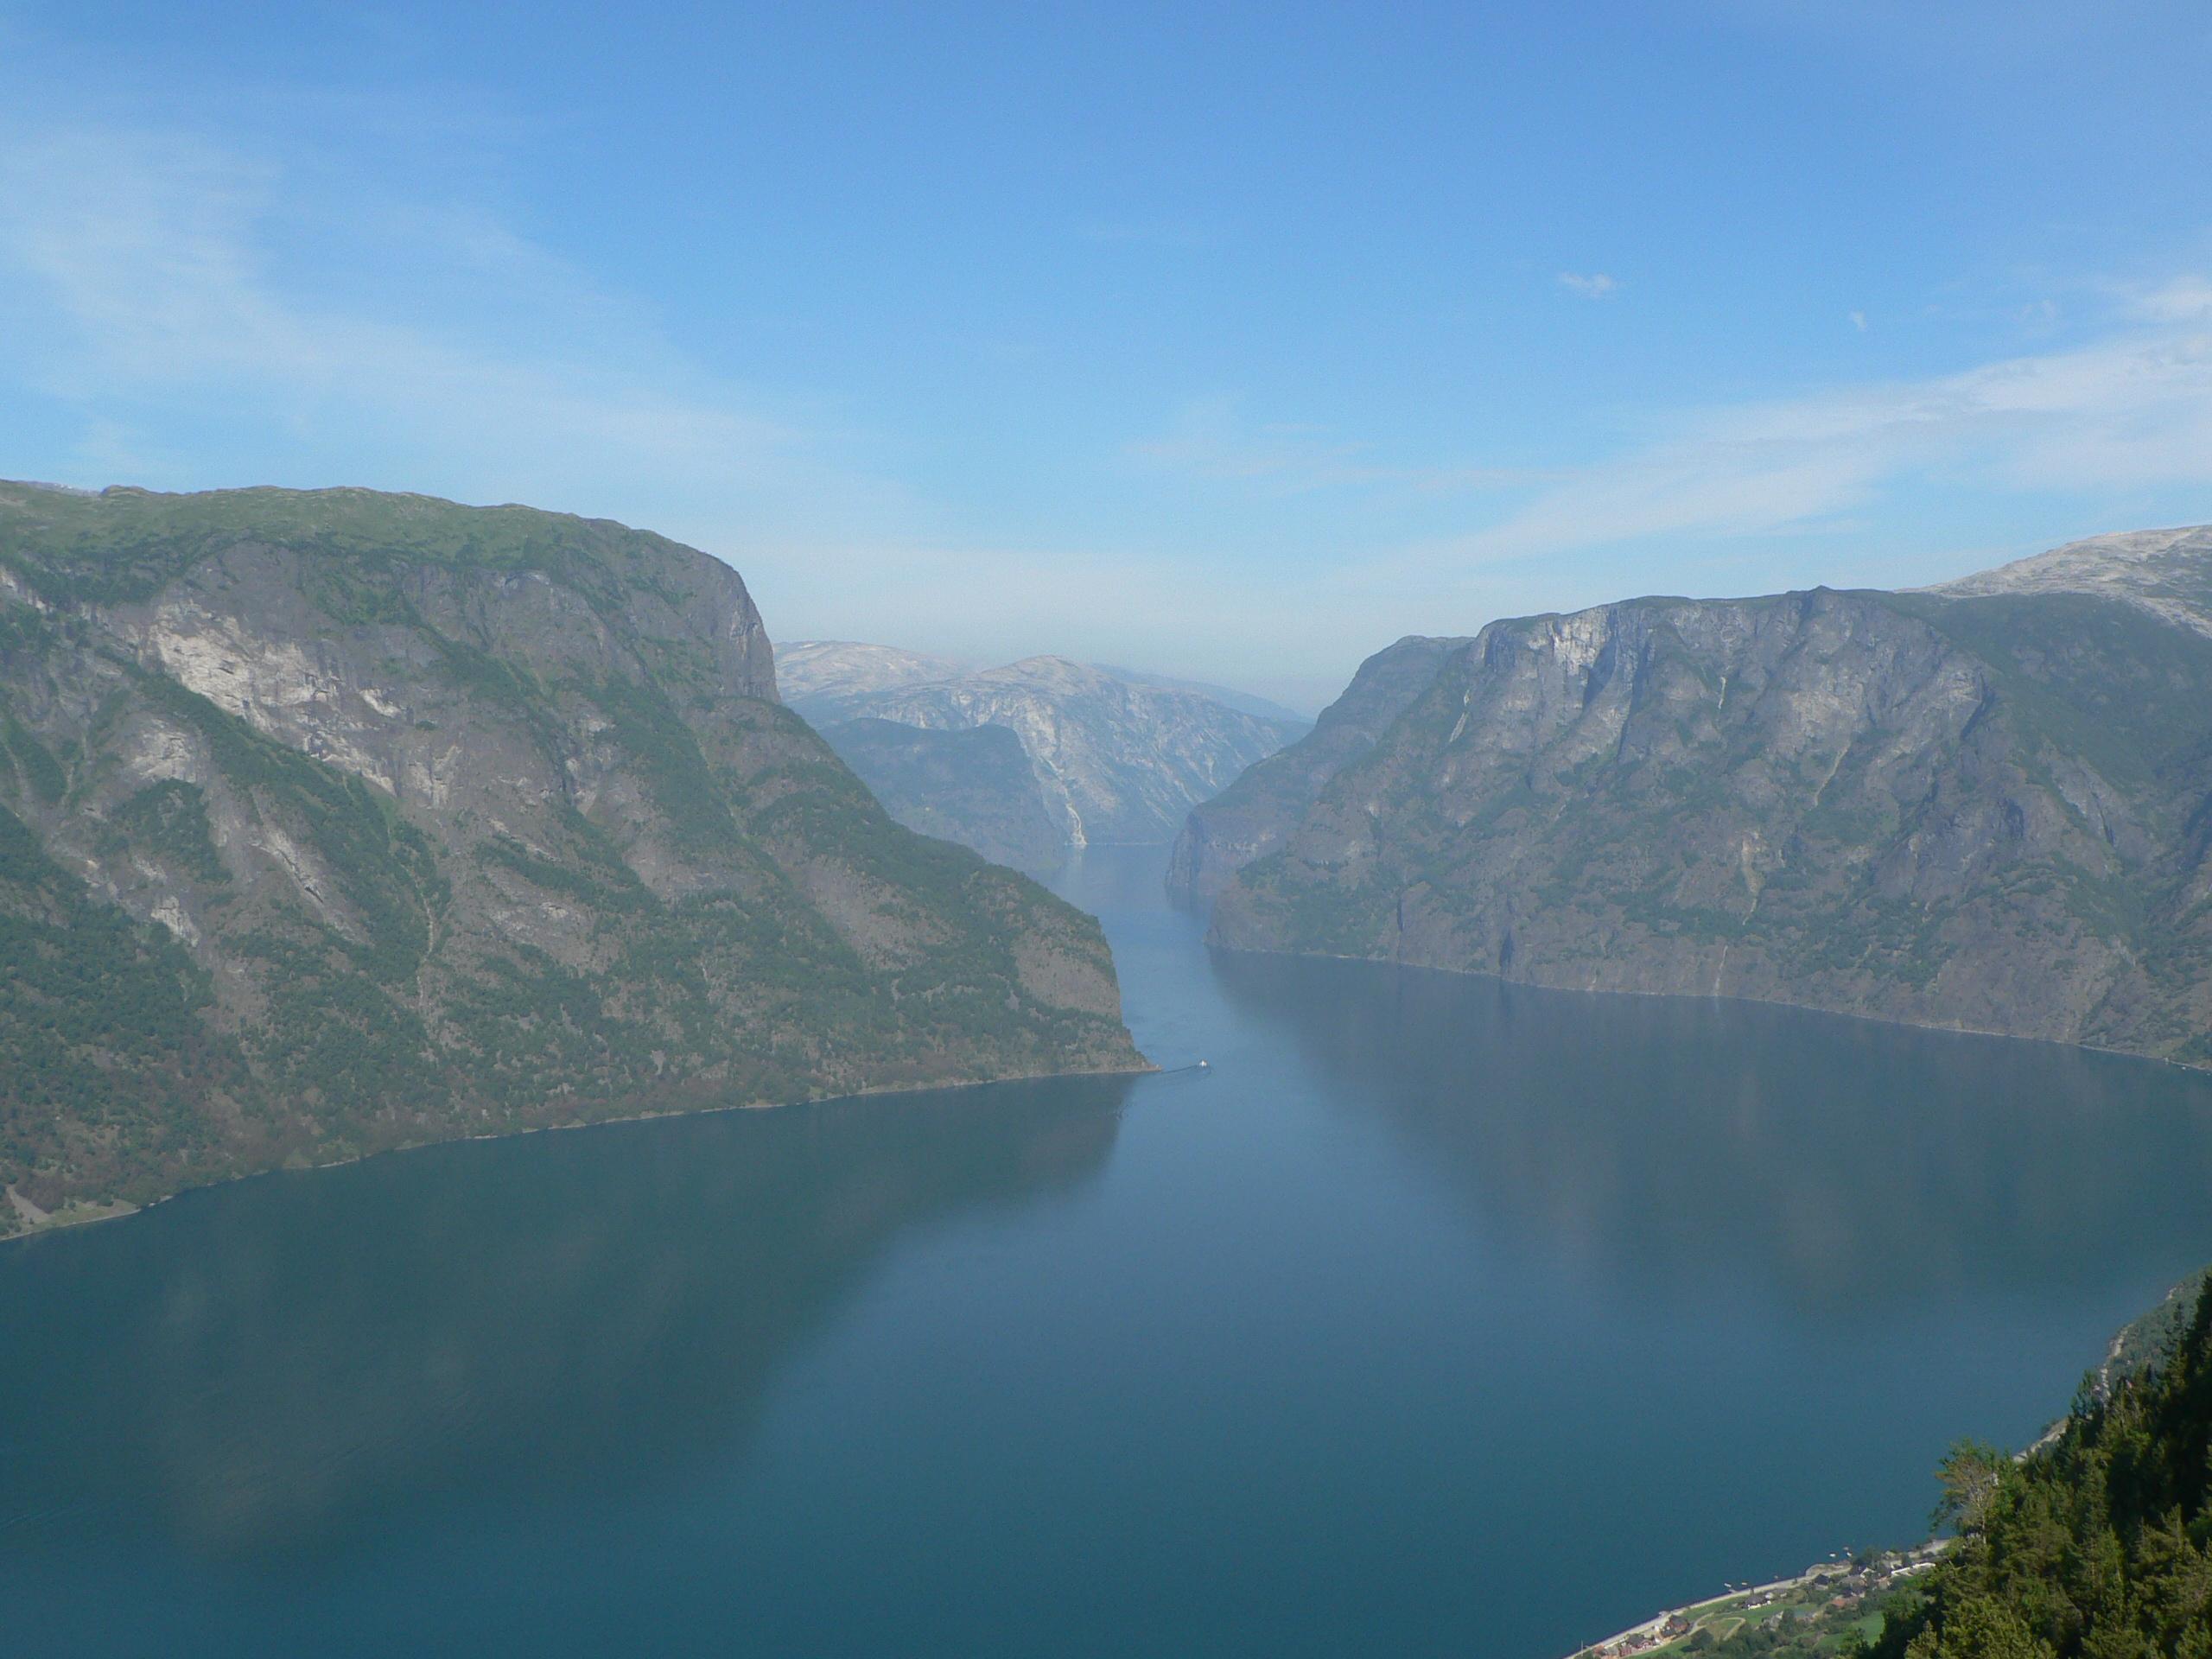 Norges kl r i ol sogn og fjordane